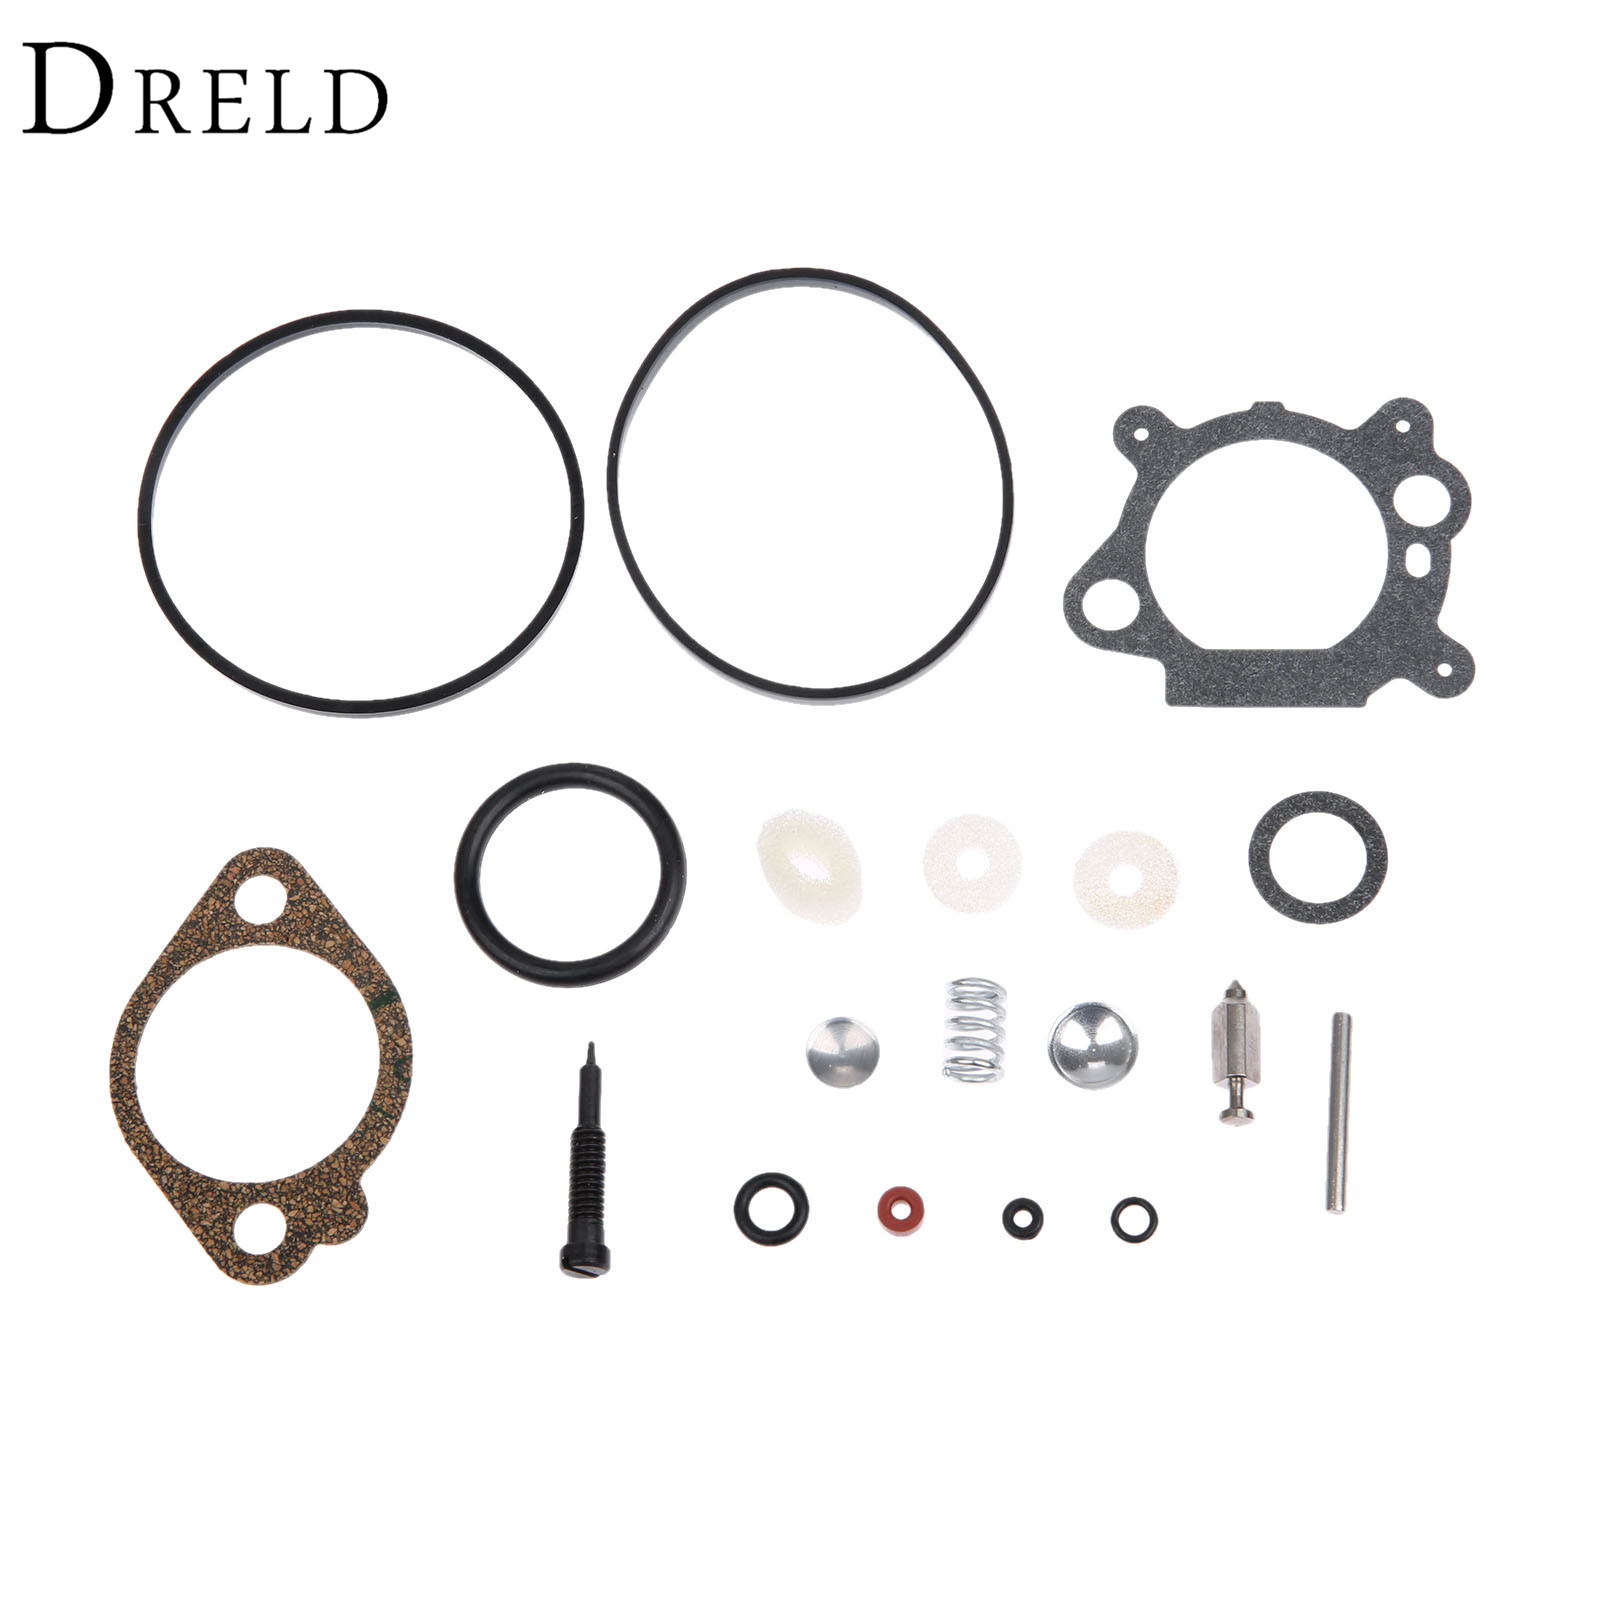 DRELD Carburetor Carb Repair Rebuild Kit for Briggs